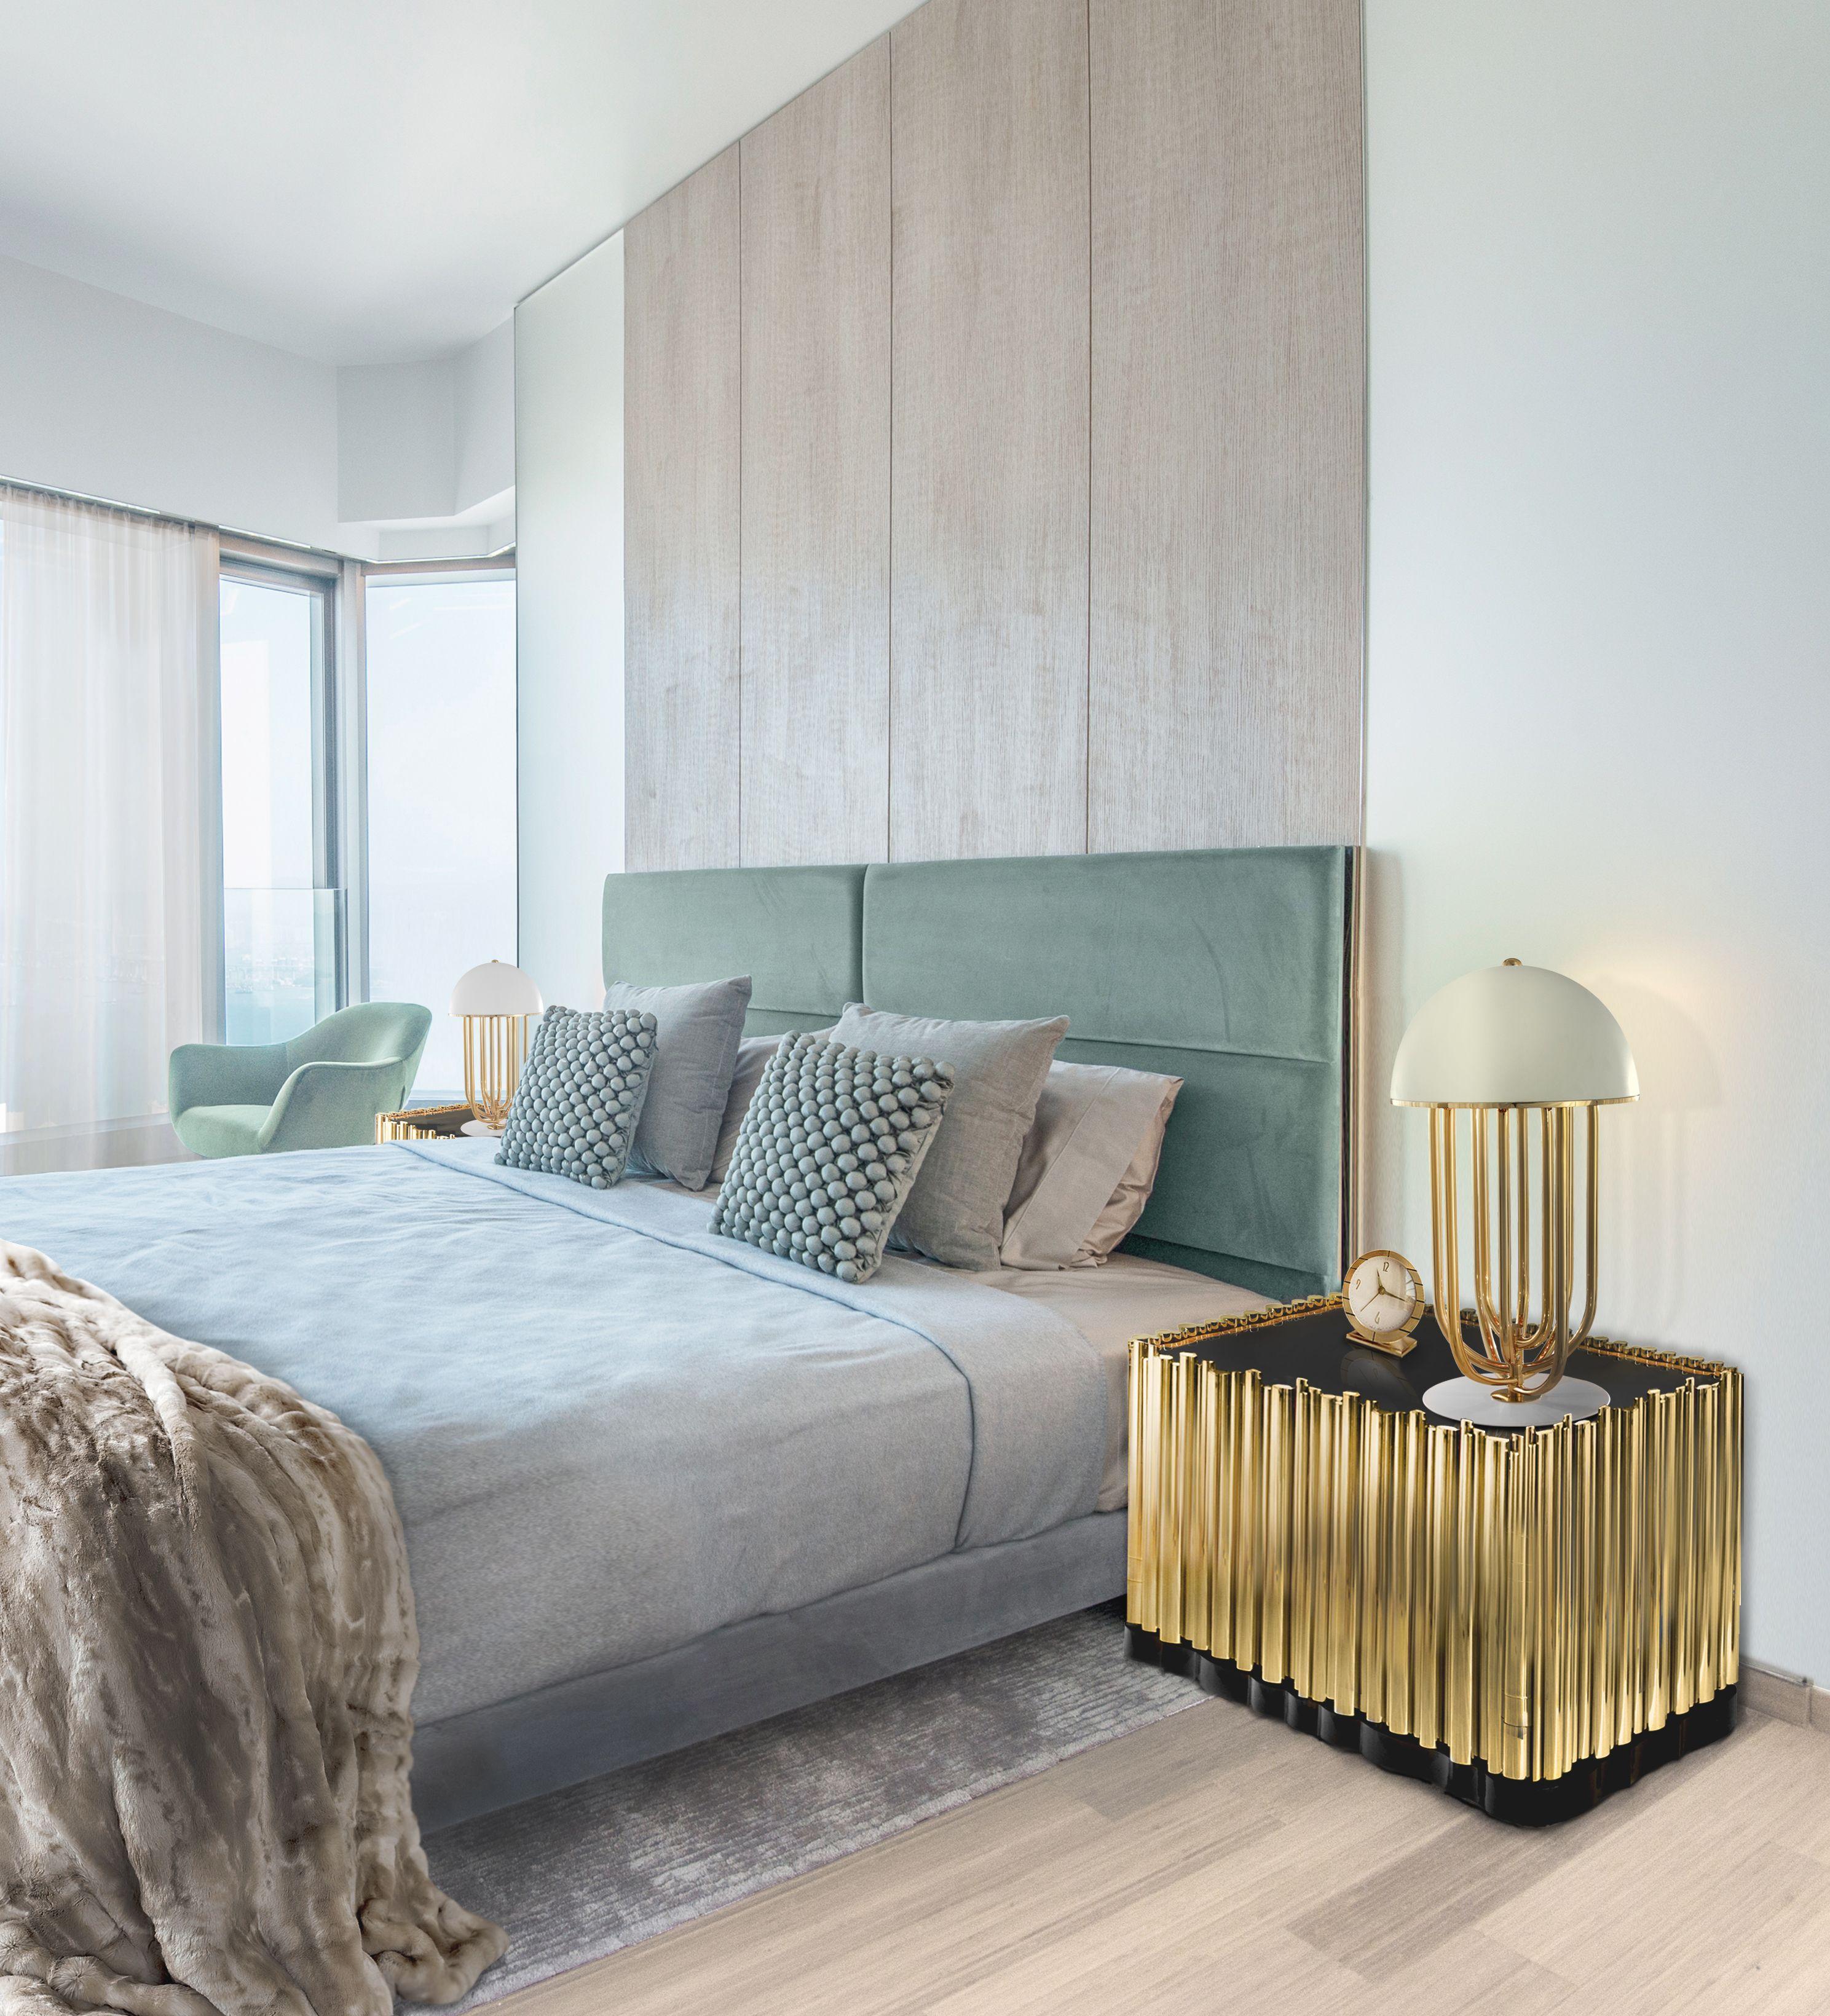 Schlafzimmer Ideen Suchen Sie Inspirationen Schaeun Sie se erstaunliche Tipps an